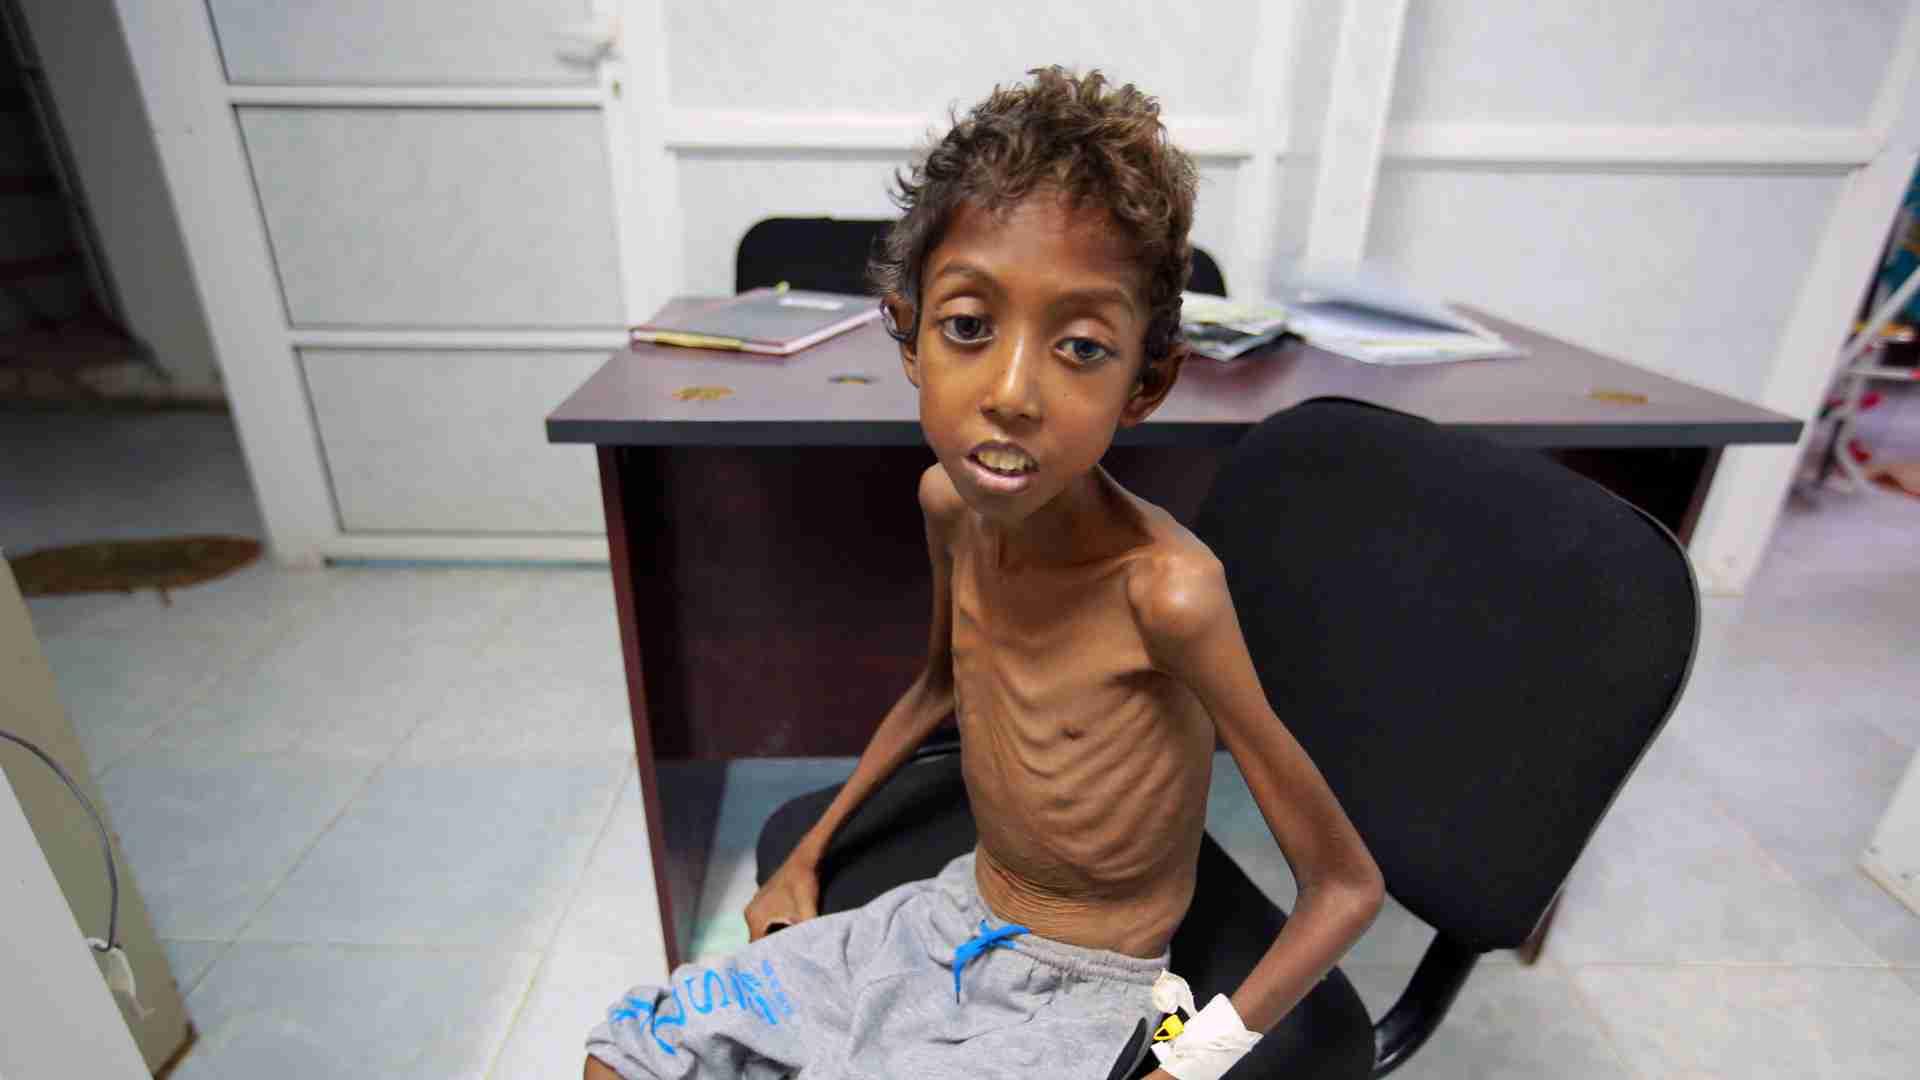 「死の商人」化の防衛省、700万人飢餓のイエメン内戦加担のサイコパス―自衛隊機売り込み、中東ドバイで(志葉玲) - 個人 - Yahoo!ニュース